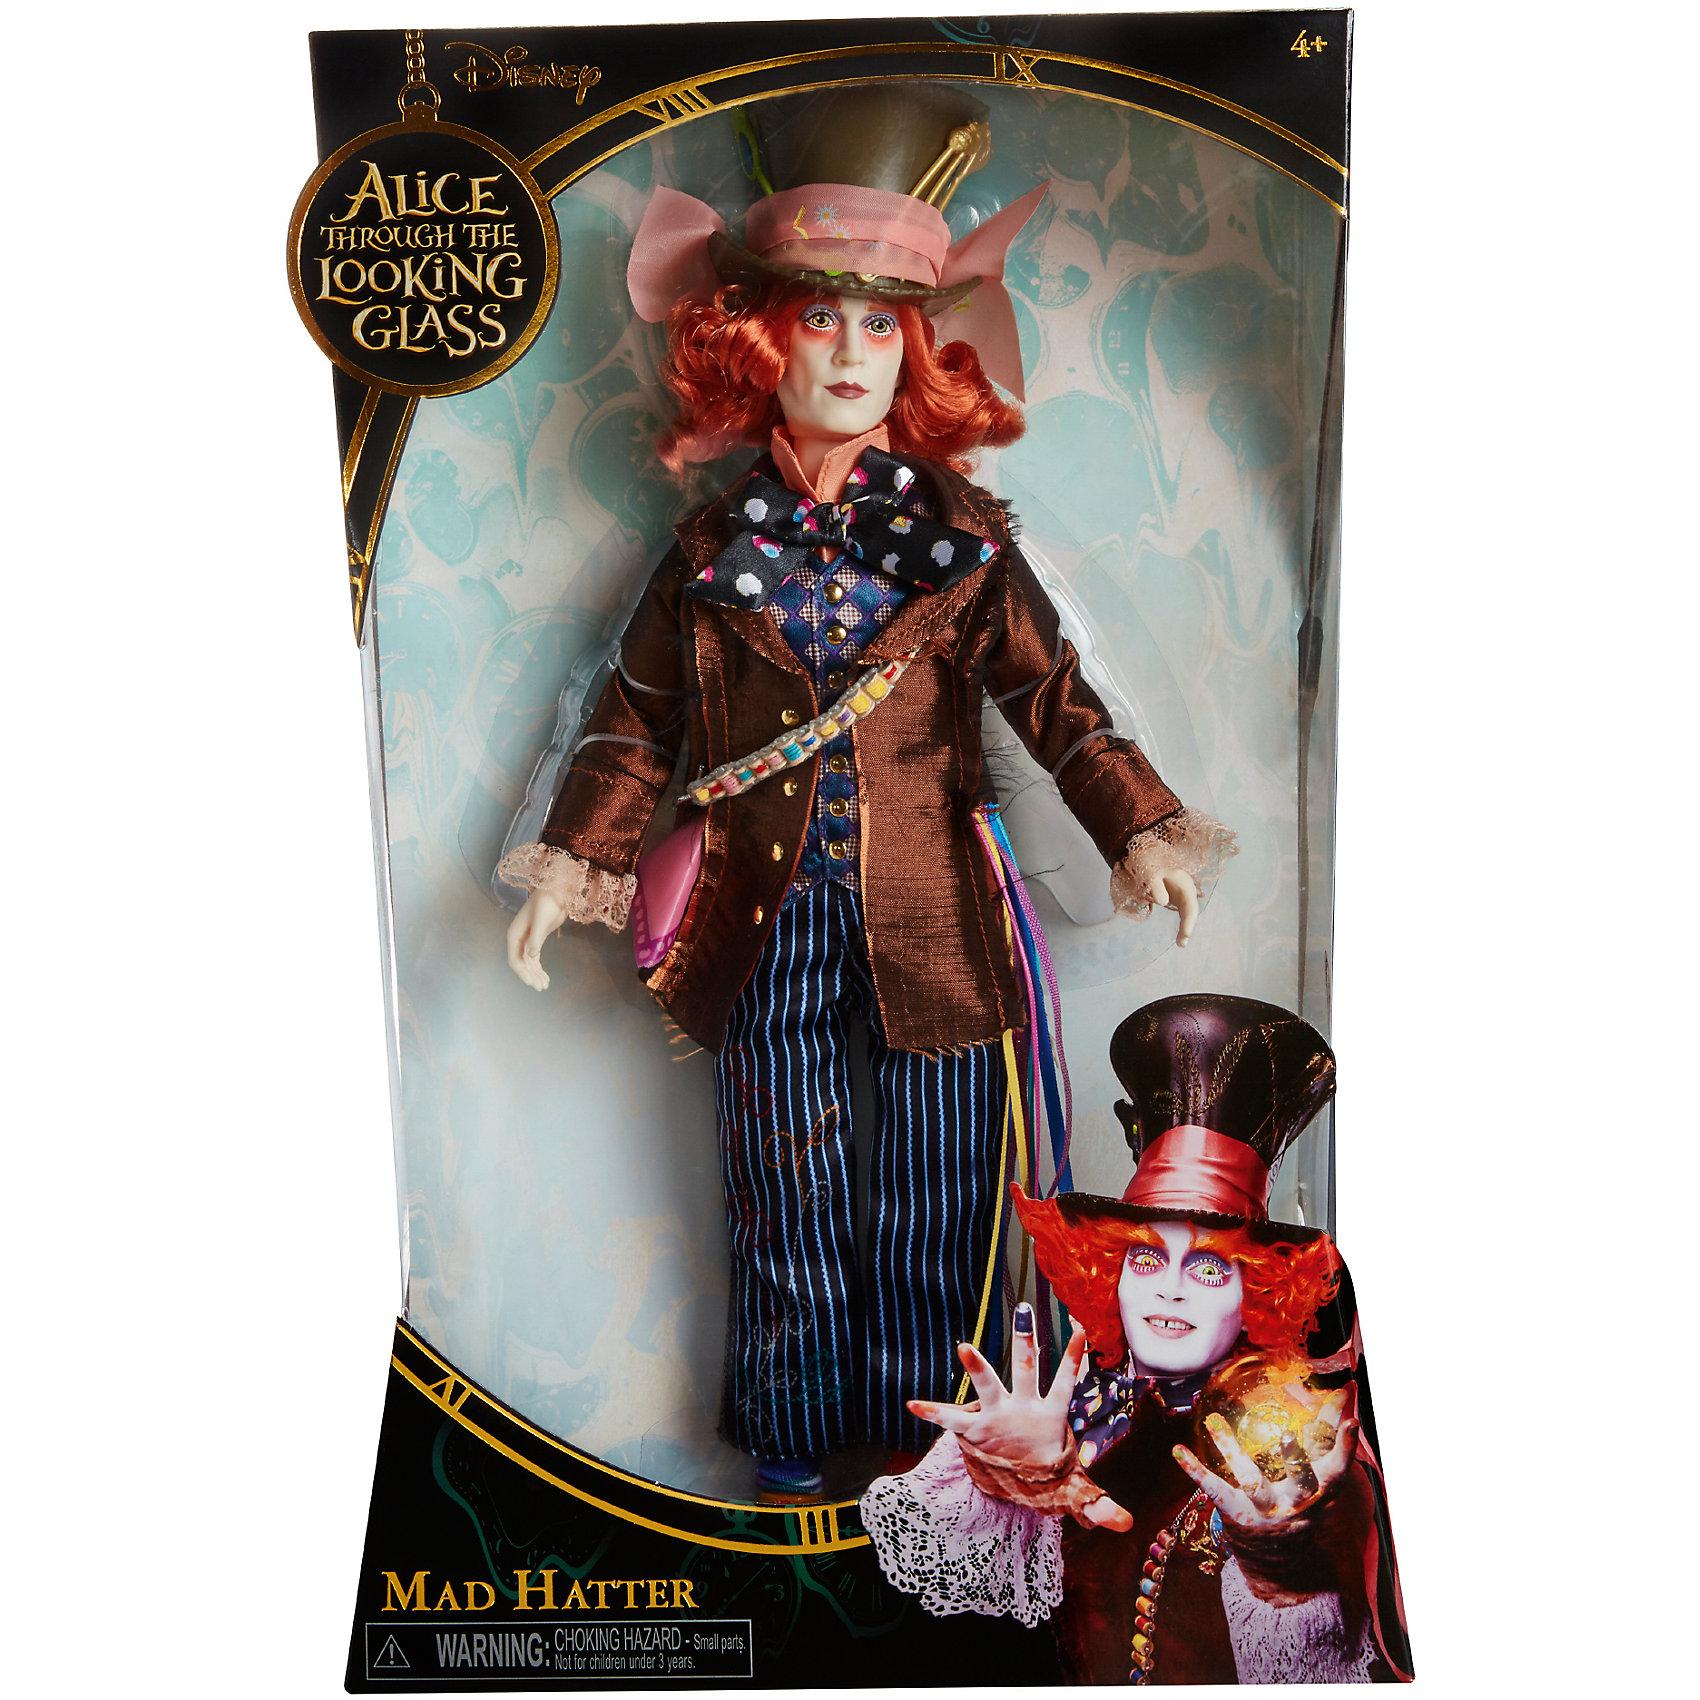 Коллекционная кукла Сумашедший Шляпник, Алиса в ЗазеркальеКоллекционная кукла Сумашедший Шляпник – эта кукла, имеющая огромное сходство с героем фильма станет украшением коллекции.<br>Коллекционная кукла в образе Сумасшедшего Шляпника, героя фильма «Алиса в Зазеркалье» очень похожа на актера Джонни Деппа, который сыграл эту роль в киноленте. Кукла одета в полосатые штаны, цветастую рубашку, коричневый пиджак и, конечно же, большую шляпу! У куклы бледное лицо и копна ярко рыжих волос. Безумный мастер и величайший гений своего дела отлично дополнит вашу коллекцию персонажей произведения Алиса в стране чудес.<br><br>Дополнительная информация:<br><br>- Высота: 29 см.<br>- Материал: пластик, текстиль<br><br>Коллекционную куклу Сумашедший Шляпник можно купить в нашем интернет-магазине.<br><br>Ширина мм: 23<br>Глубина мм: 80<br>Высота мм: 360<br>Вес г: 570<br>Возраст от месяцев: 36<br>Возраст до месяцев: 1188<br>Пол: Женский<br>Возраст: Детский<br>SKU: 4751315